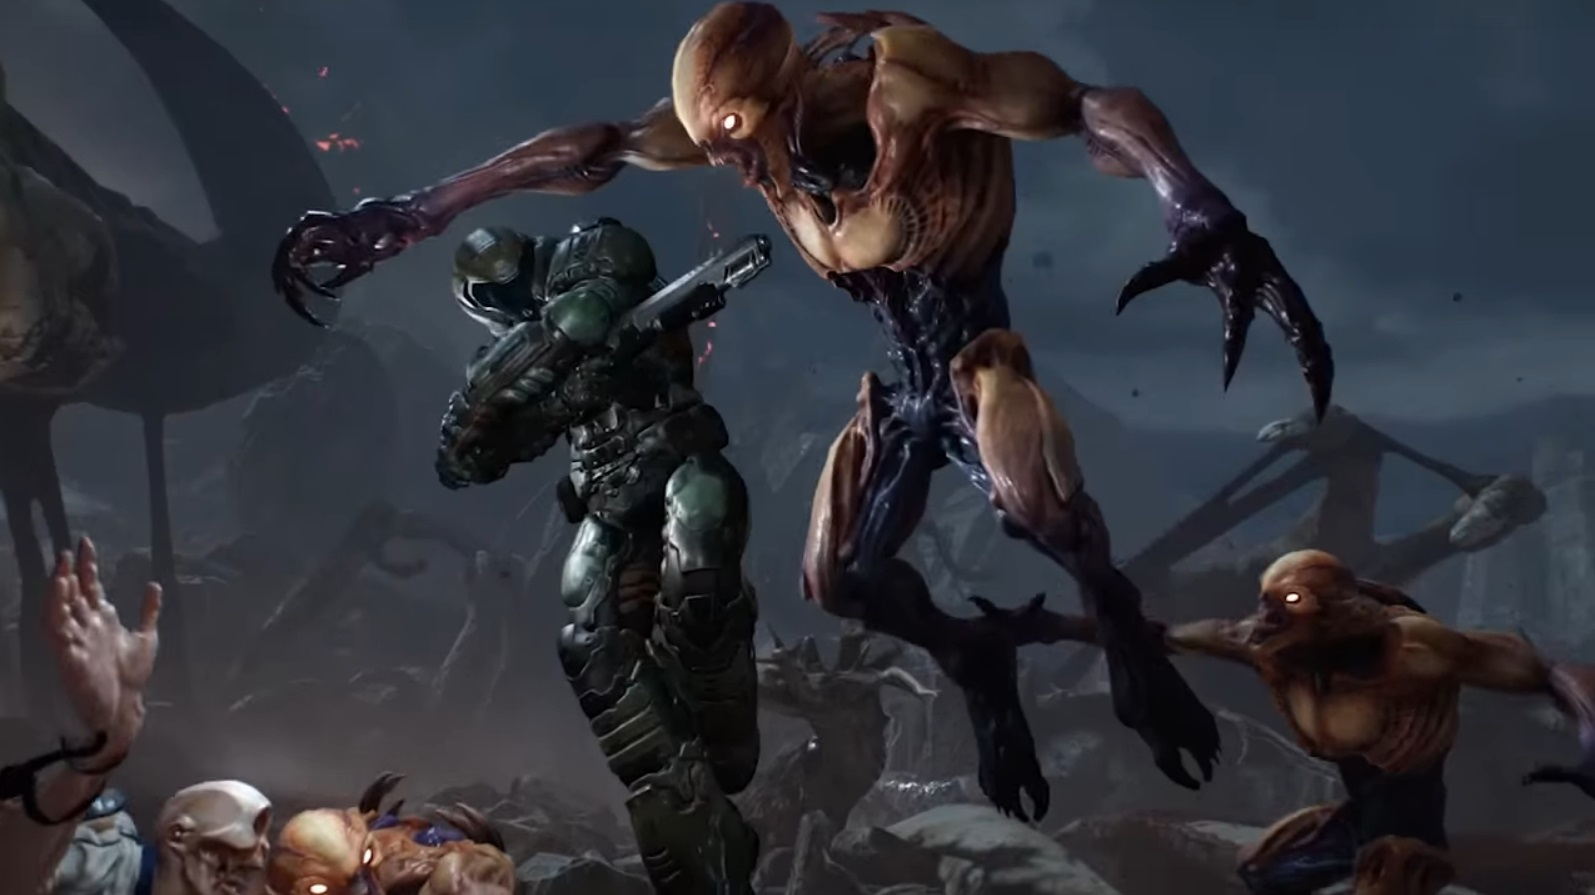 Doom launch trailer